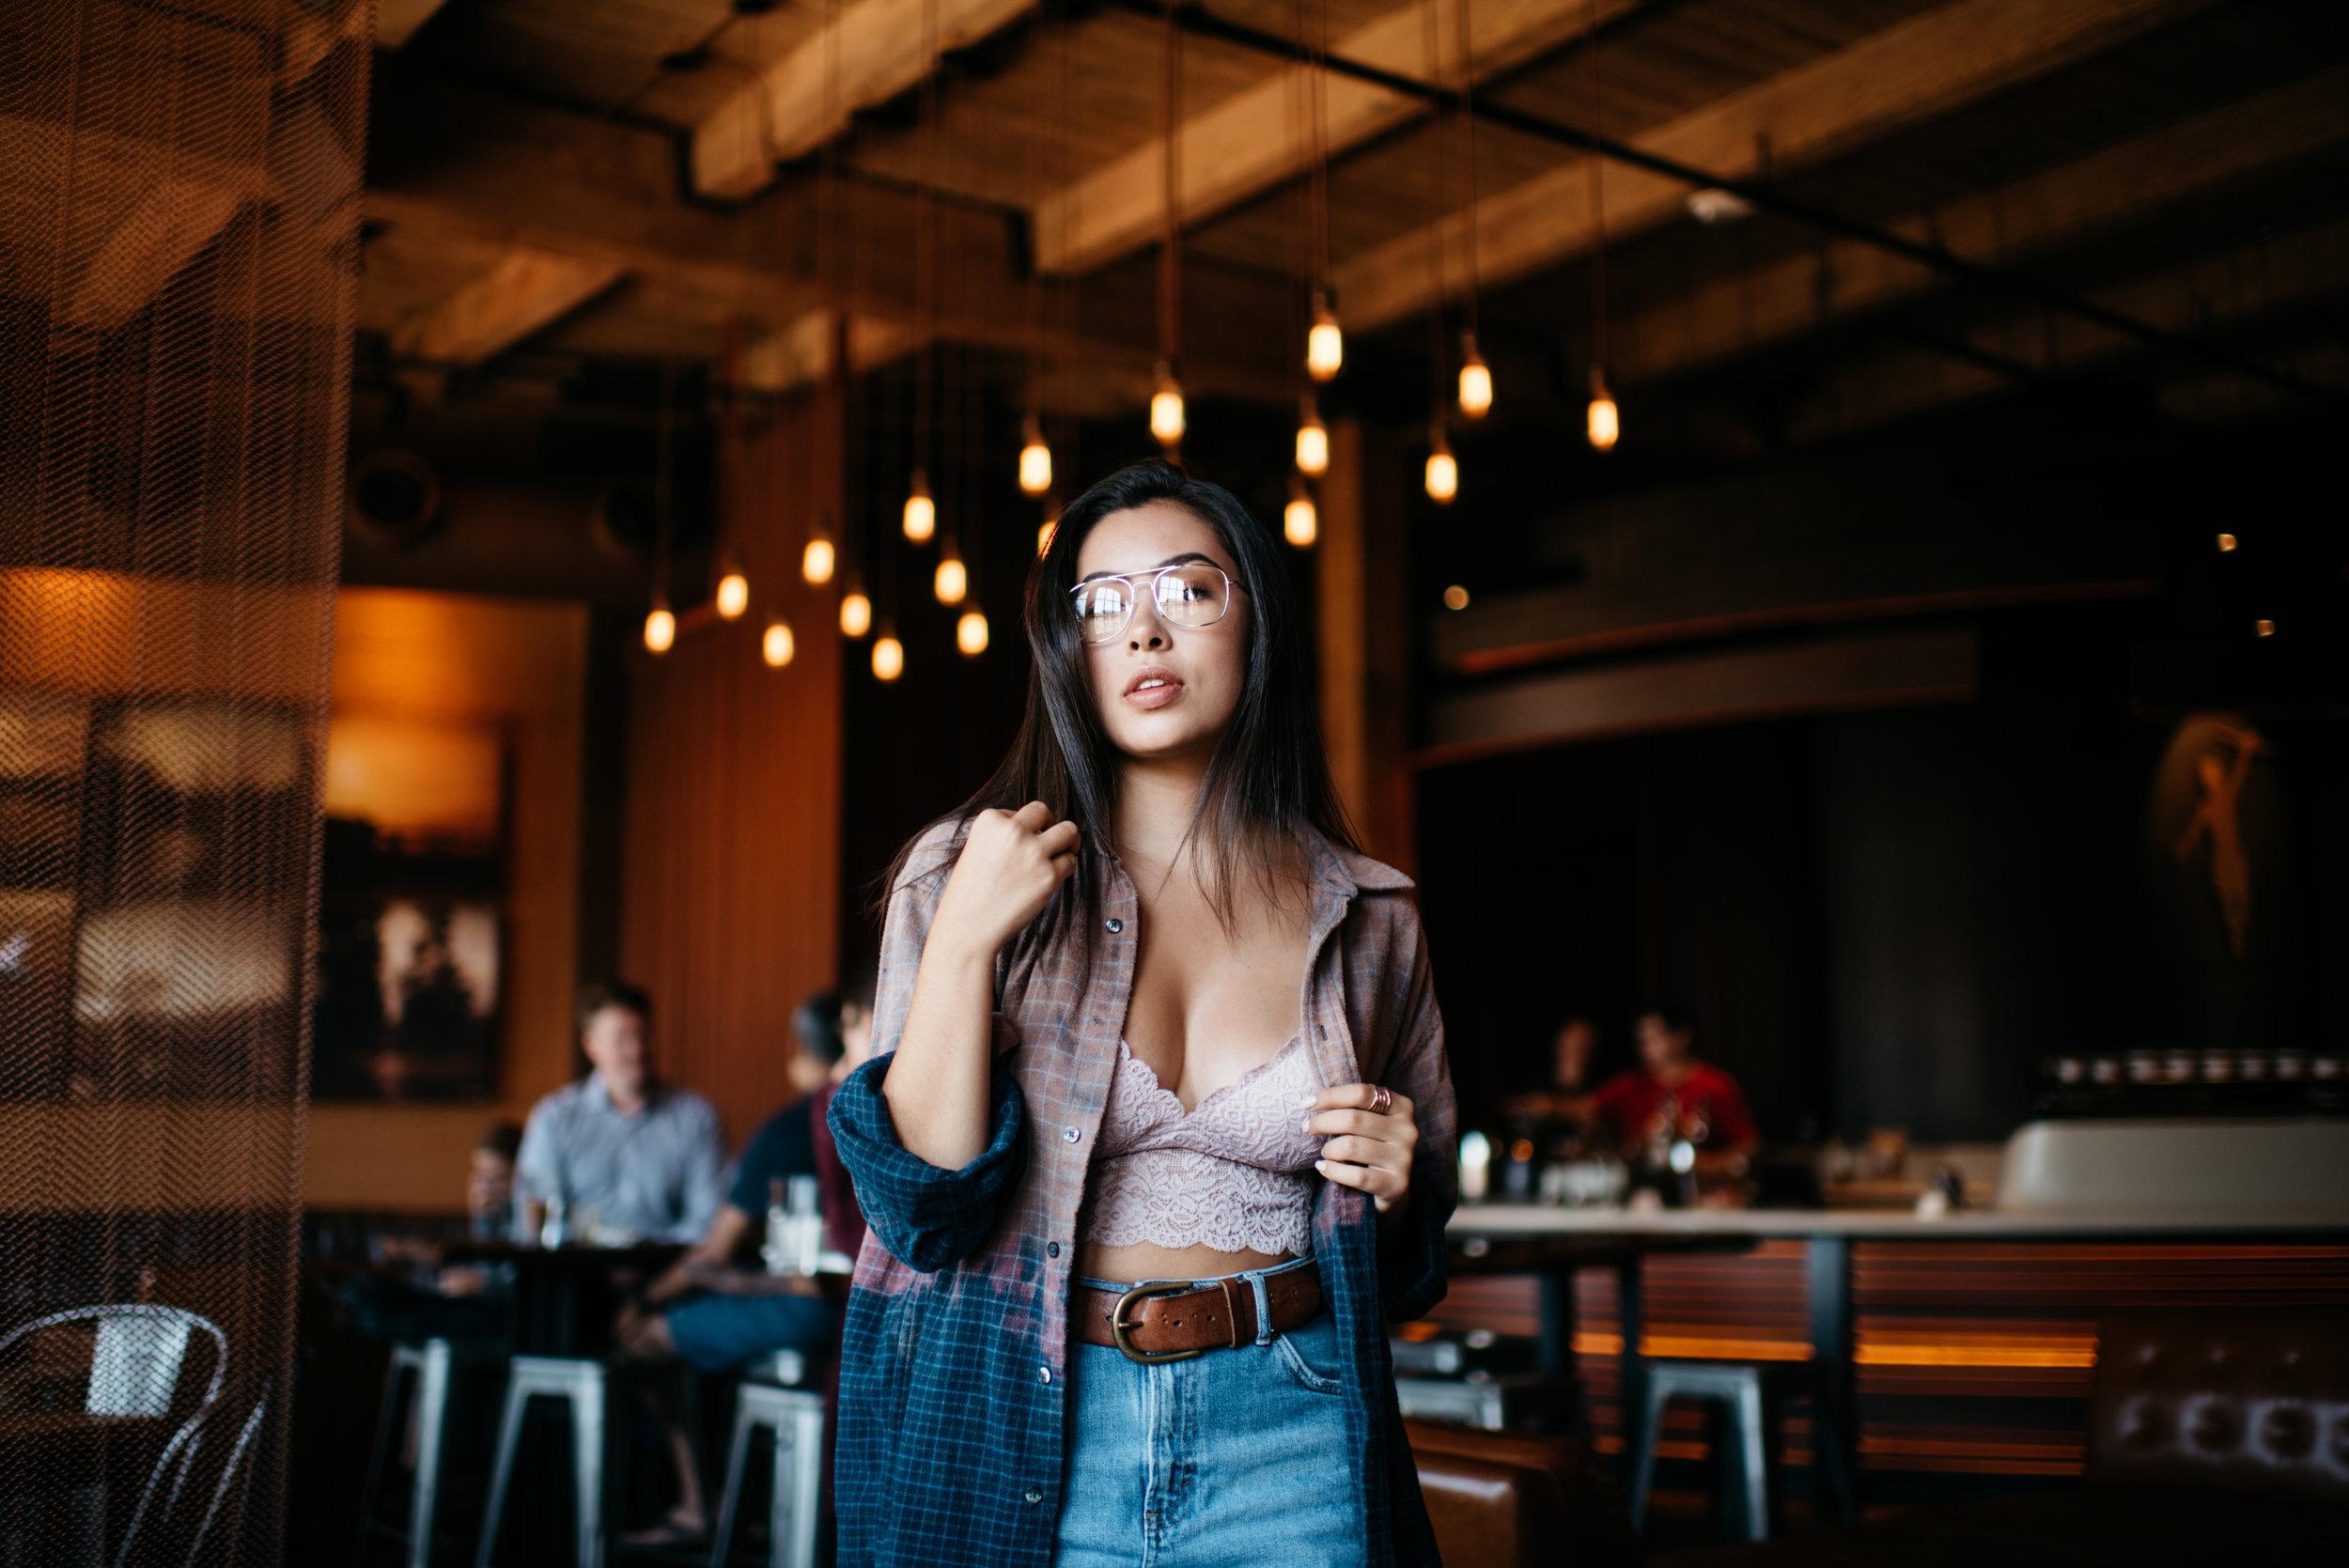 Samanta Sato - The need for light